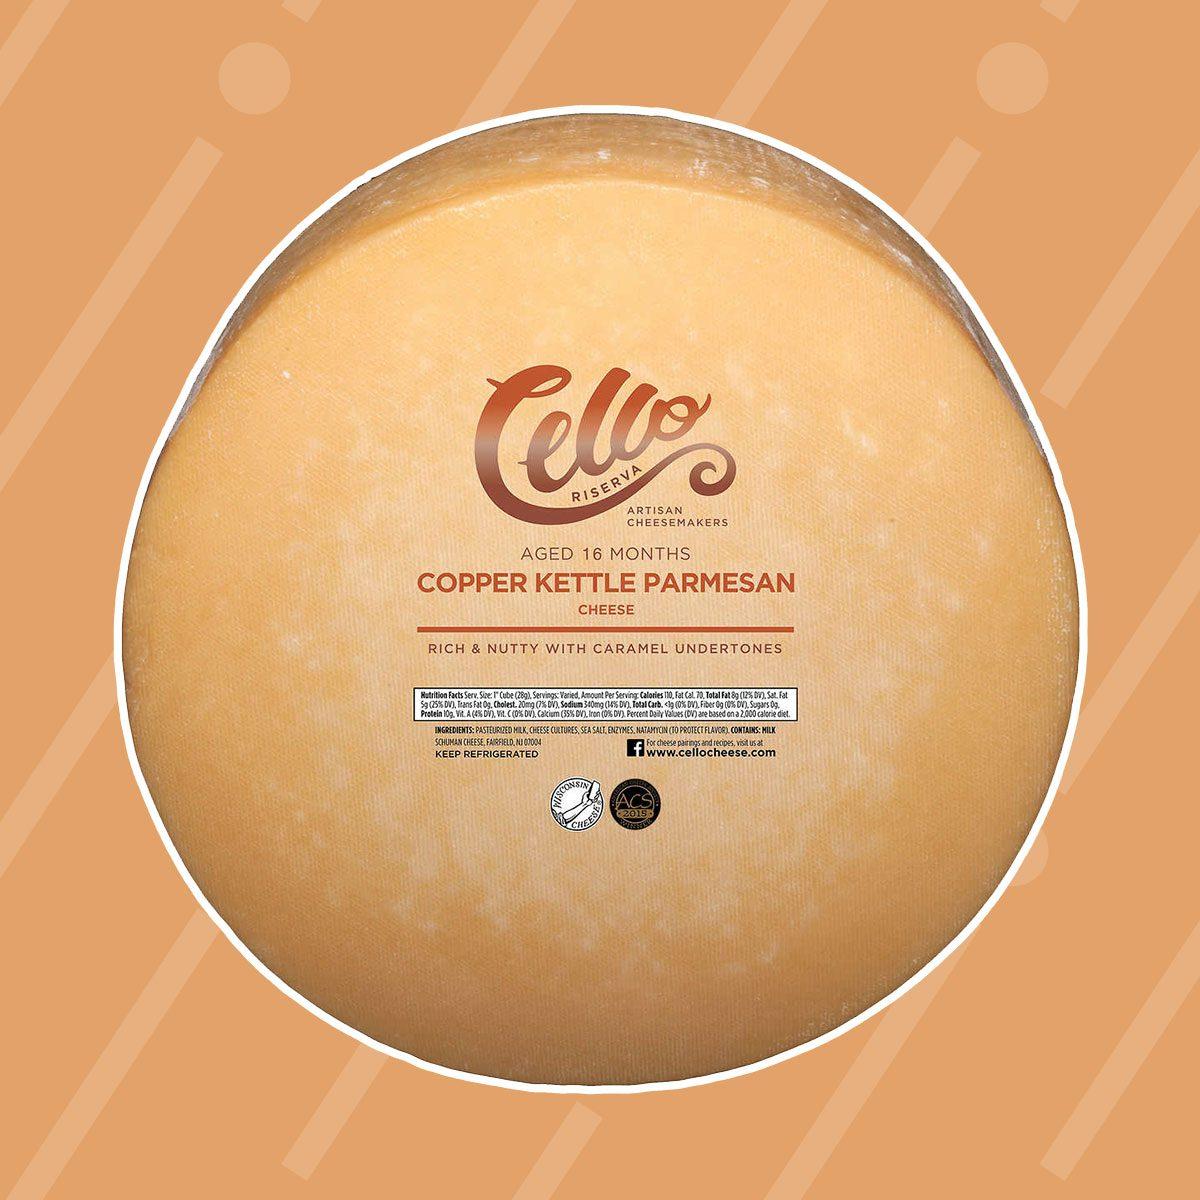 Cello Riserva Copper Kettle Parmesan Cheese Wheel